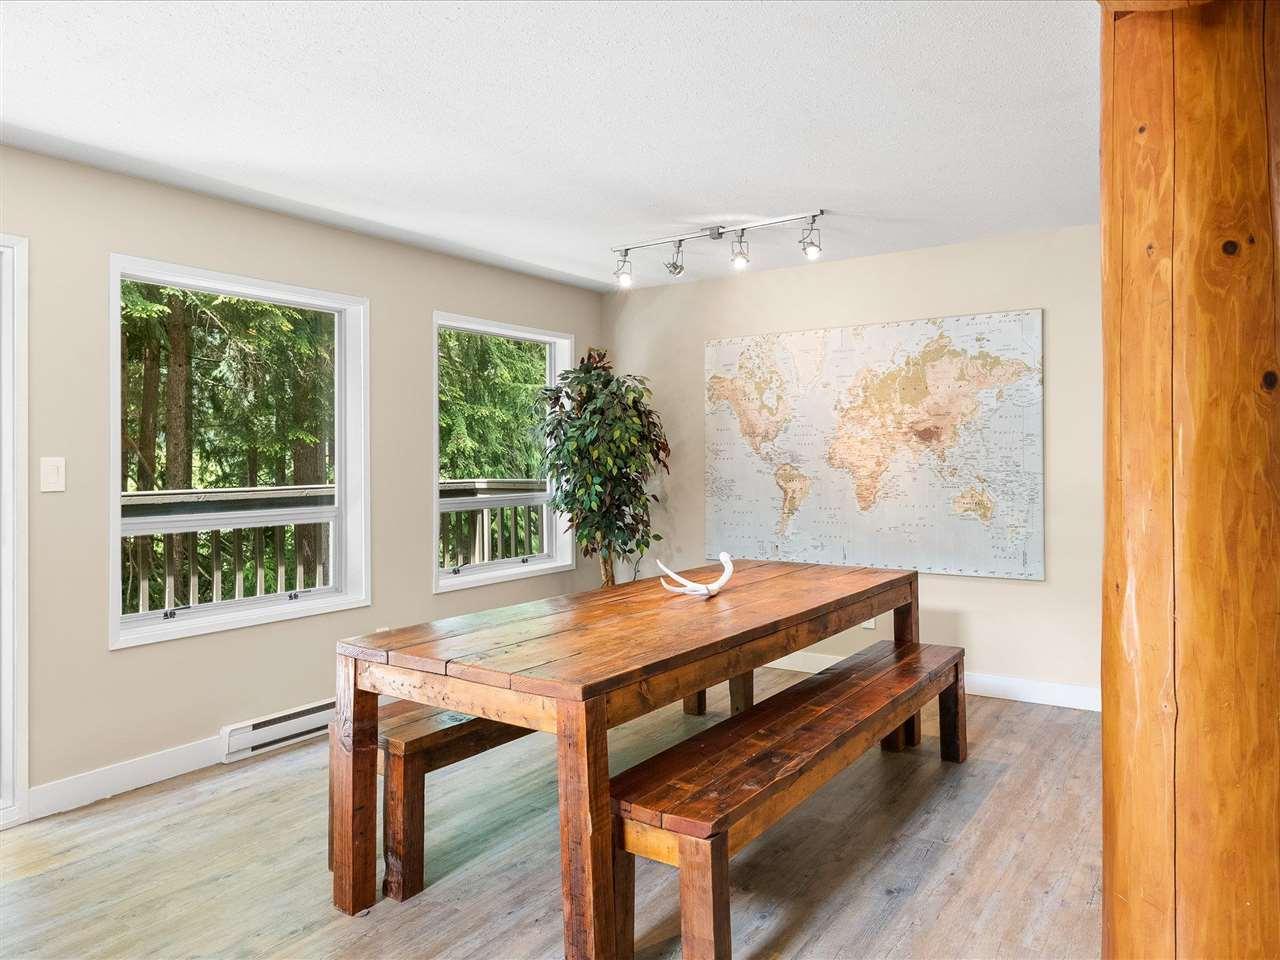 72 2222 BRANDYWINE WAY - Bayshores 1/2 Duplex for sale, 3 Bedrooms (R2591139) - #5